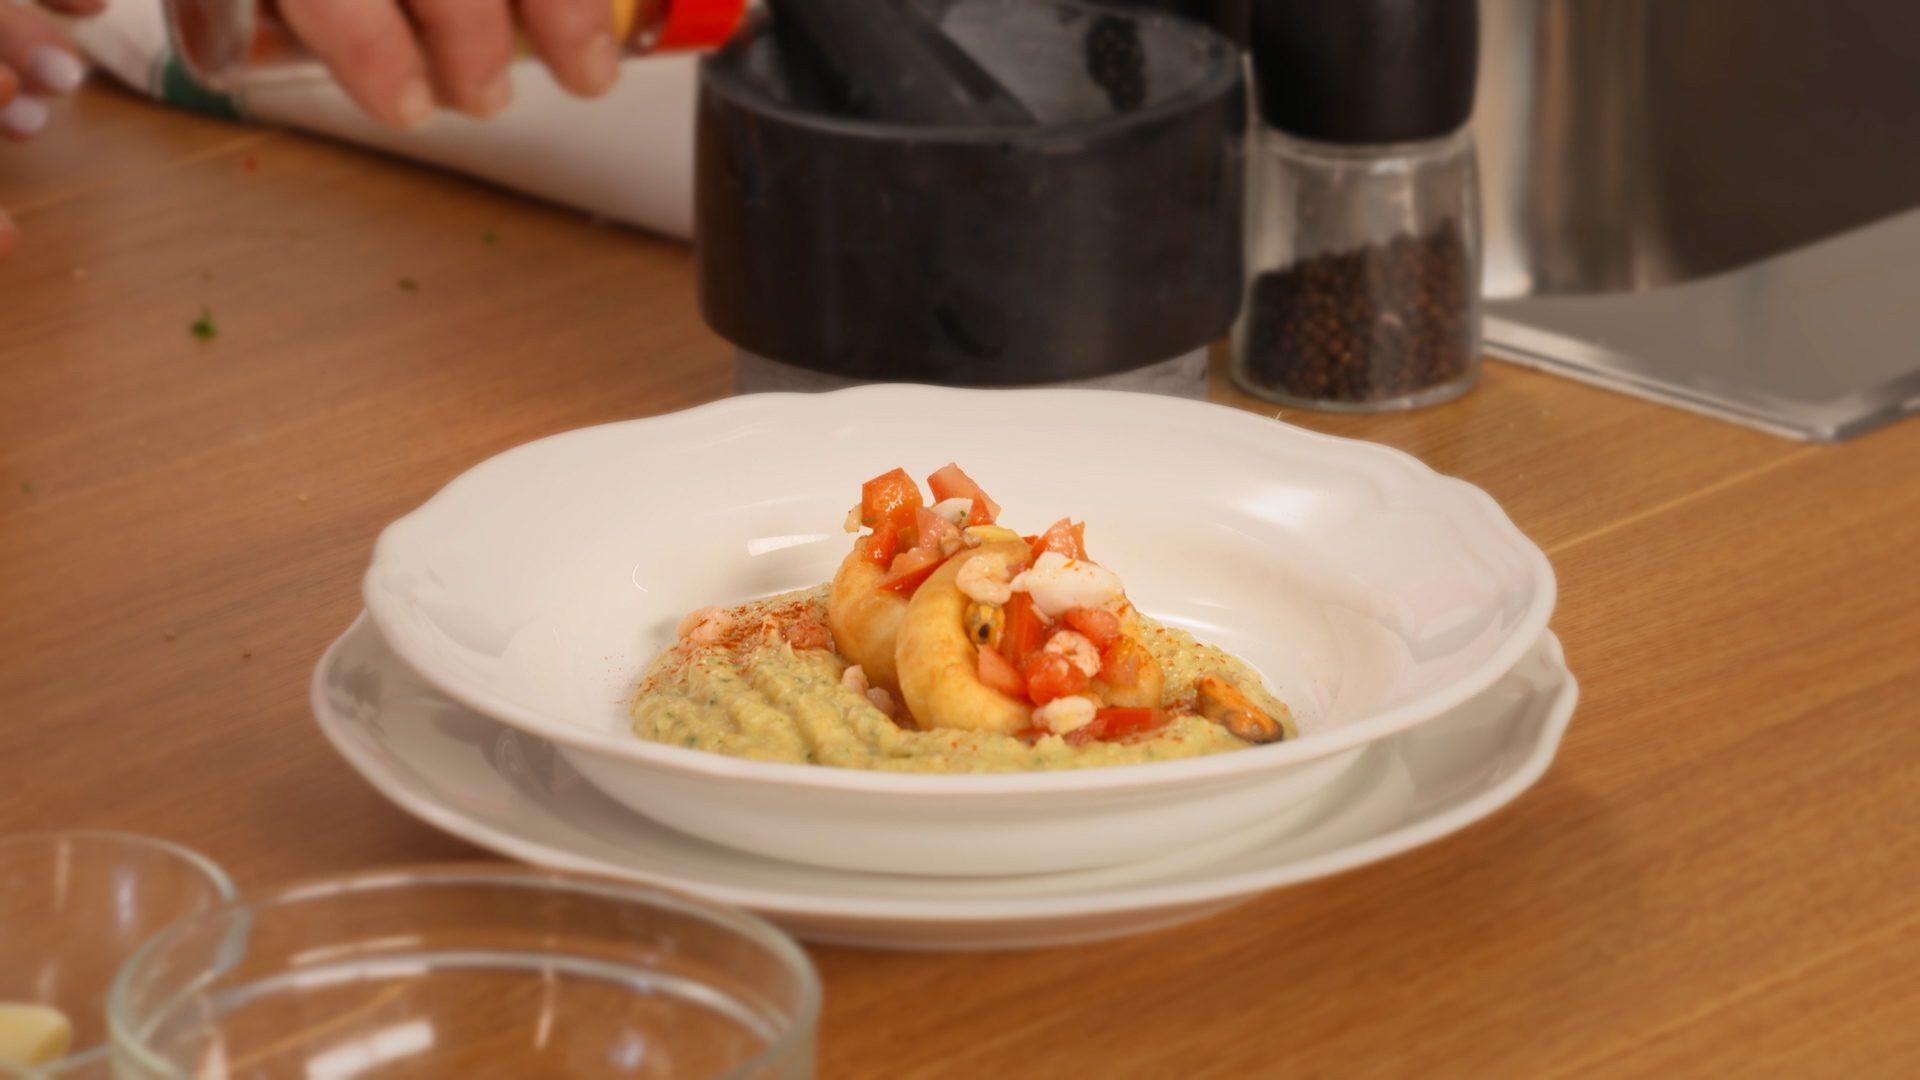 Hummus di ceci con sautè di mare: un piatto cremoso e speziato